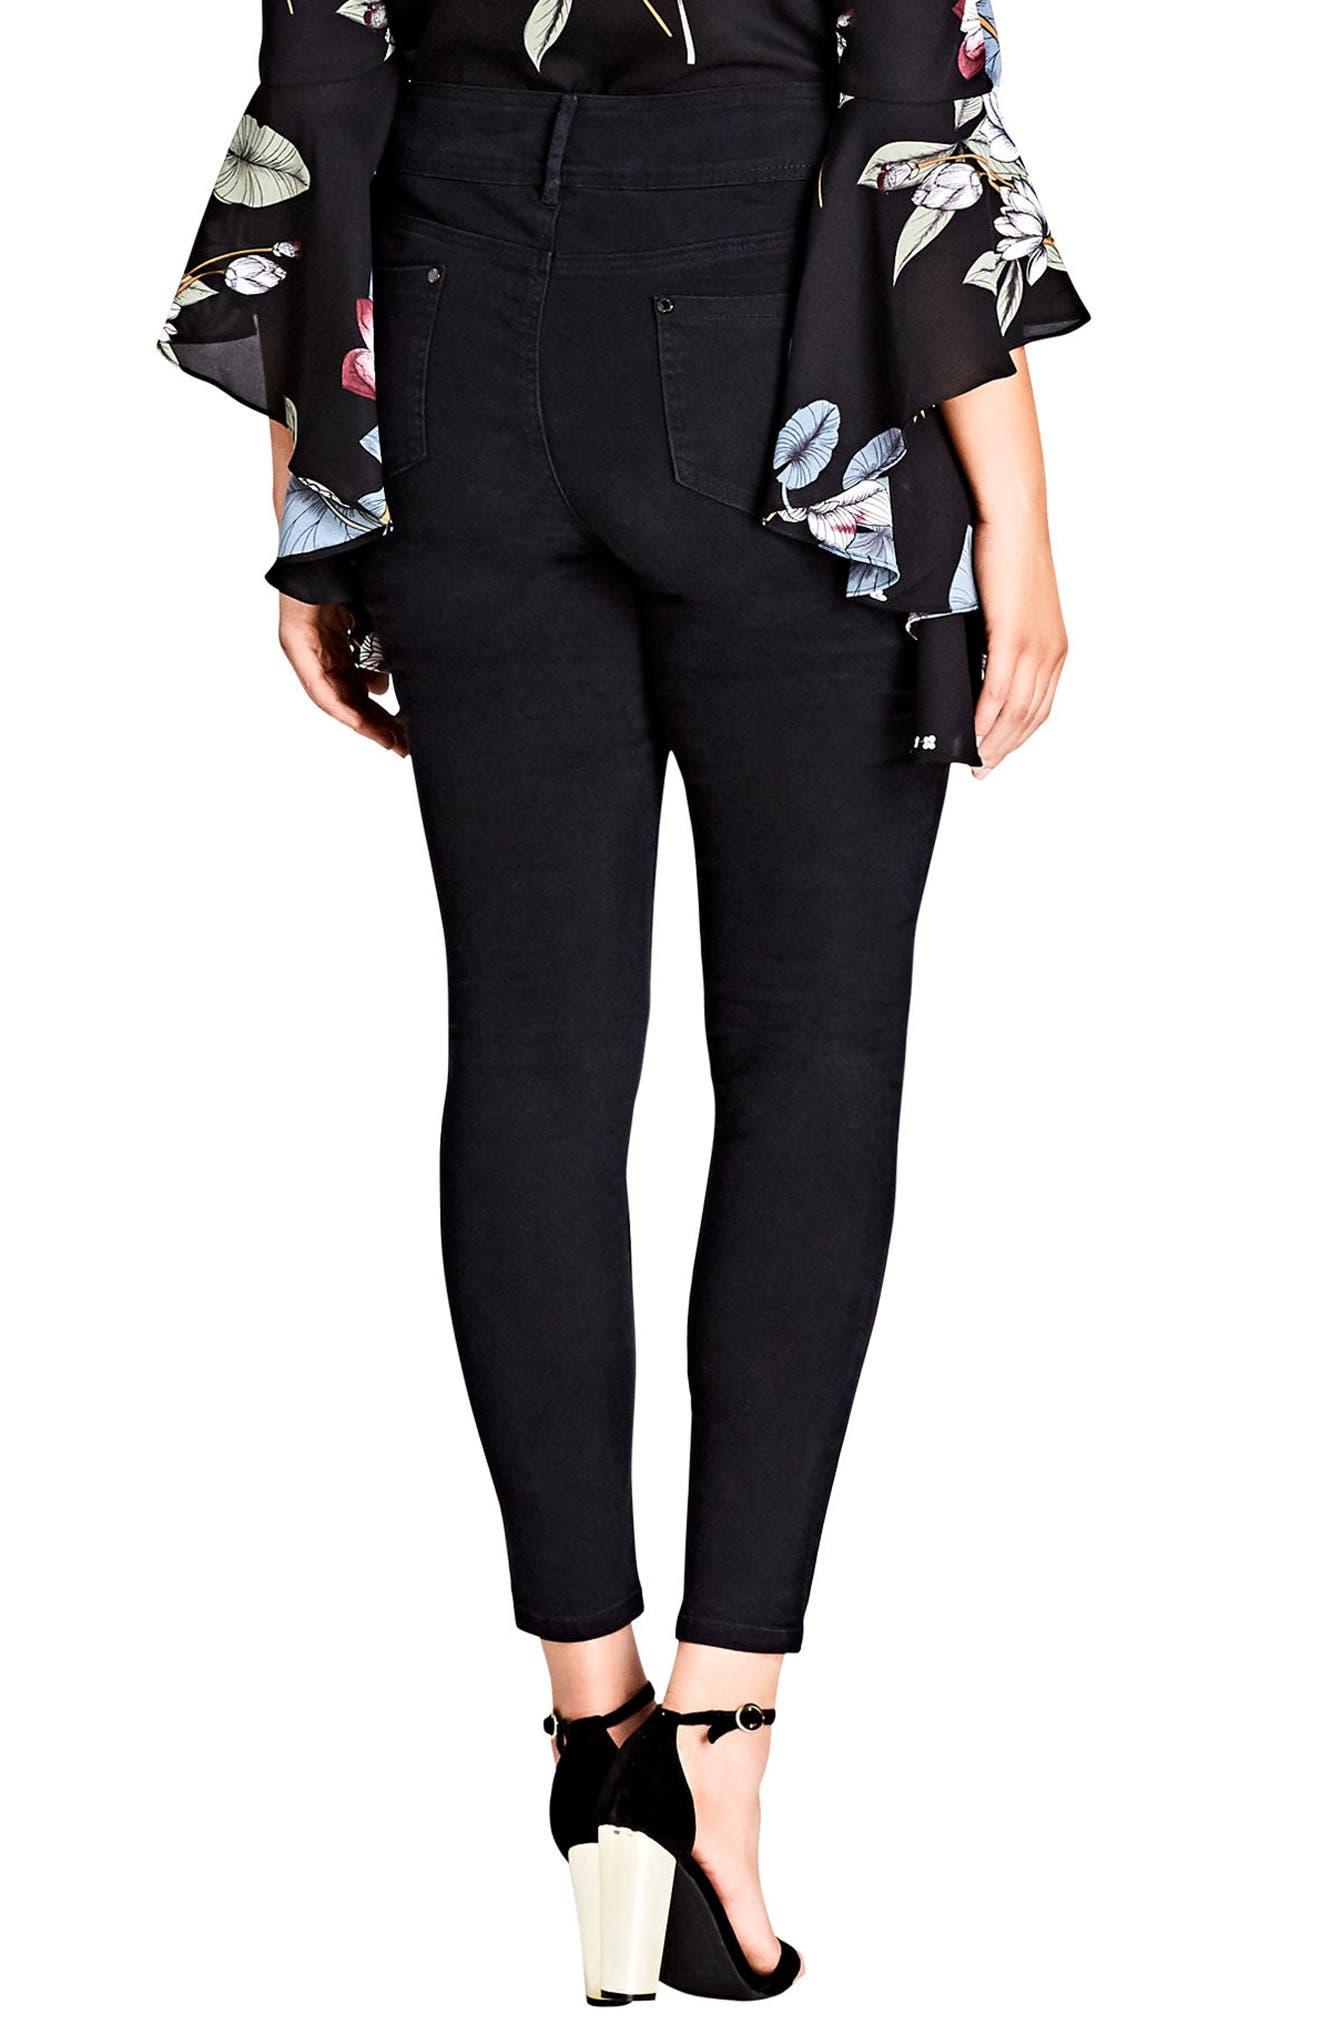 Asha Ripped Skinny Jeans,                             Alternate thumbnail 2, color,                             Black